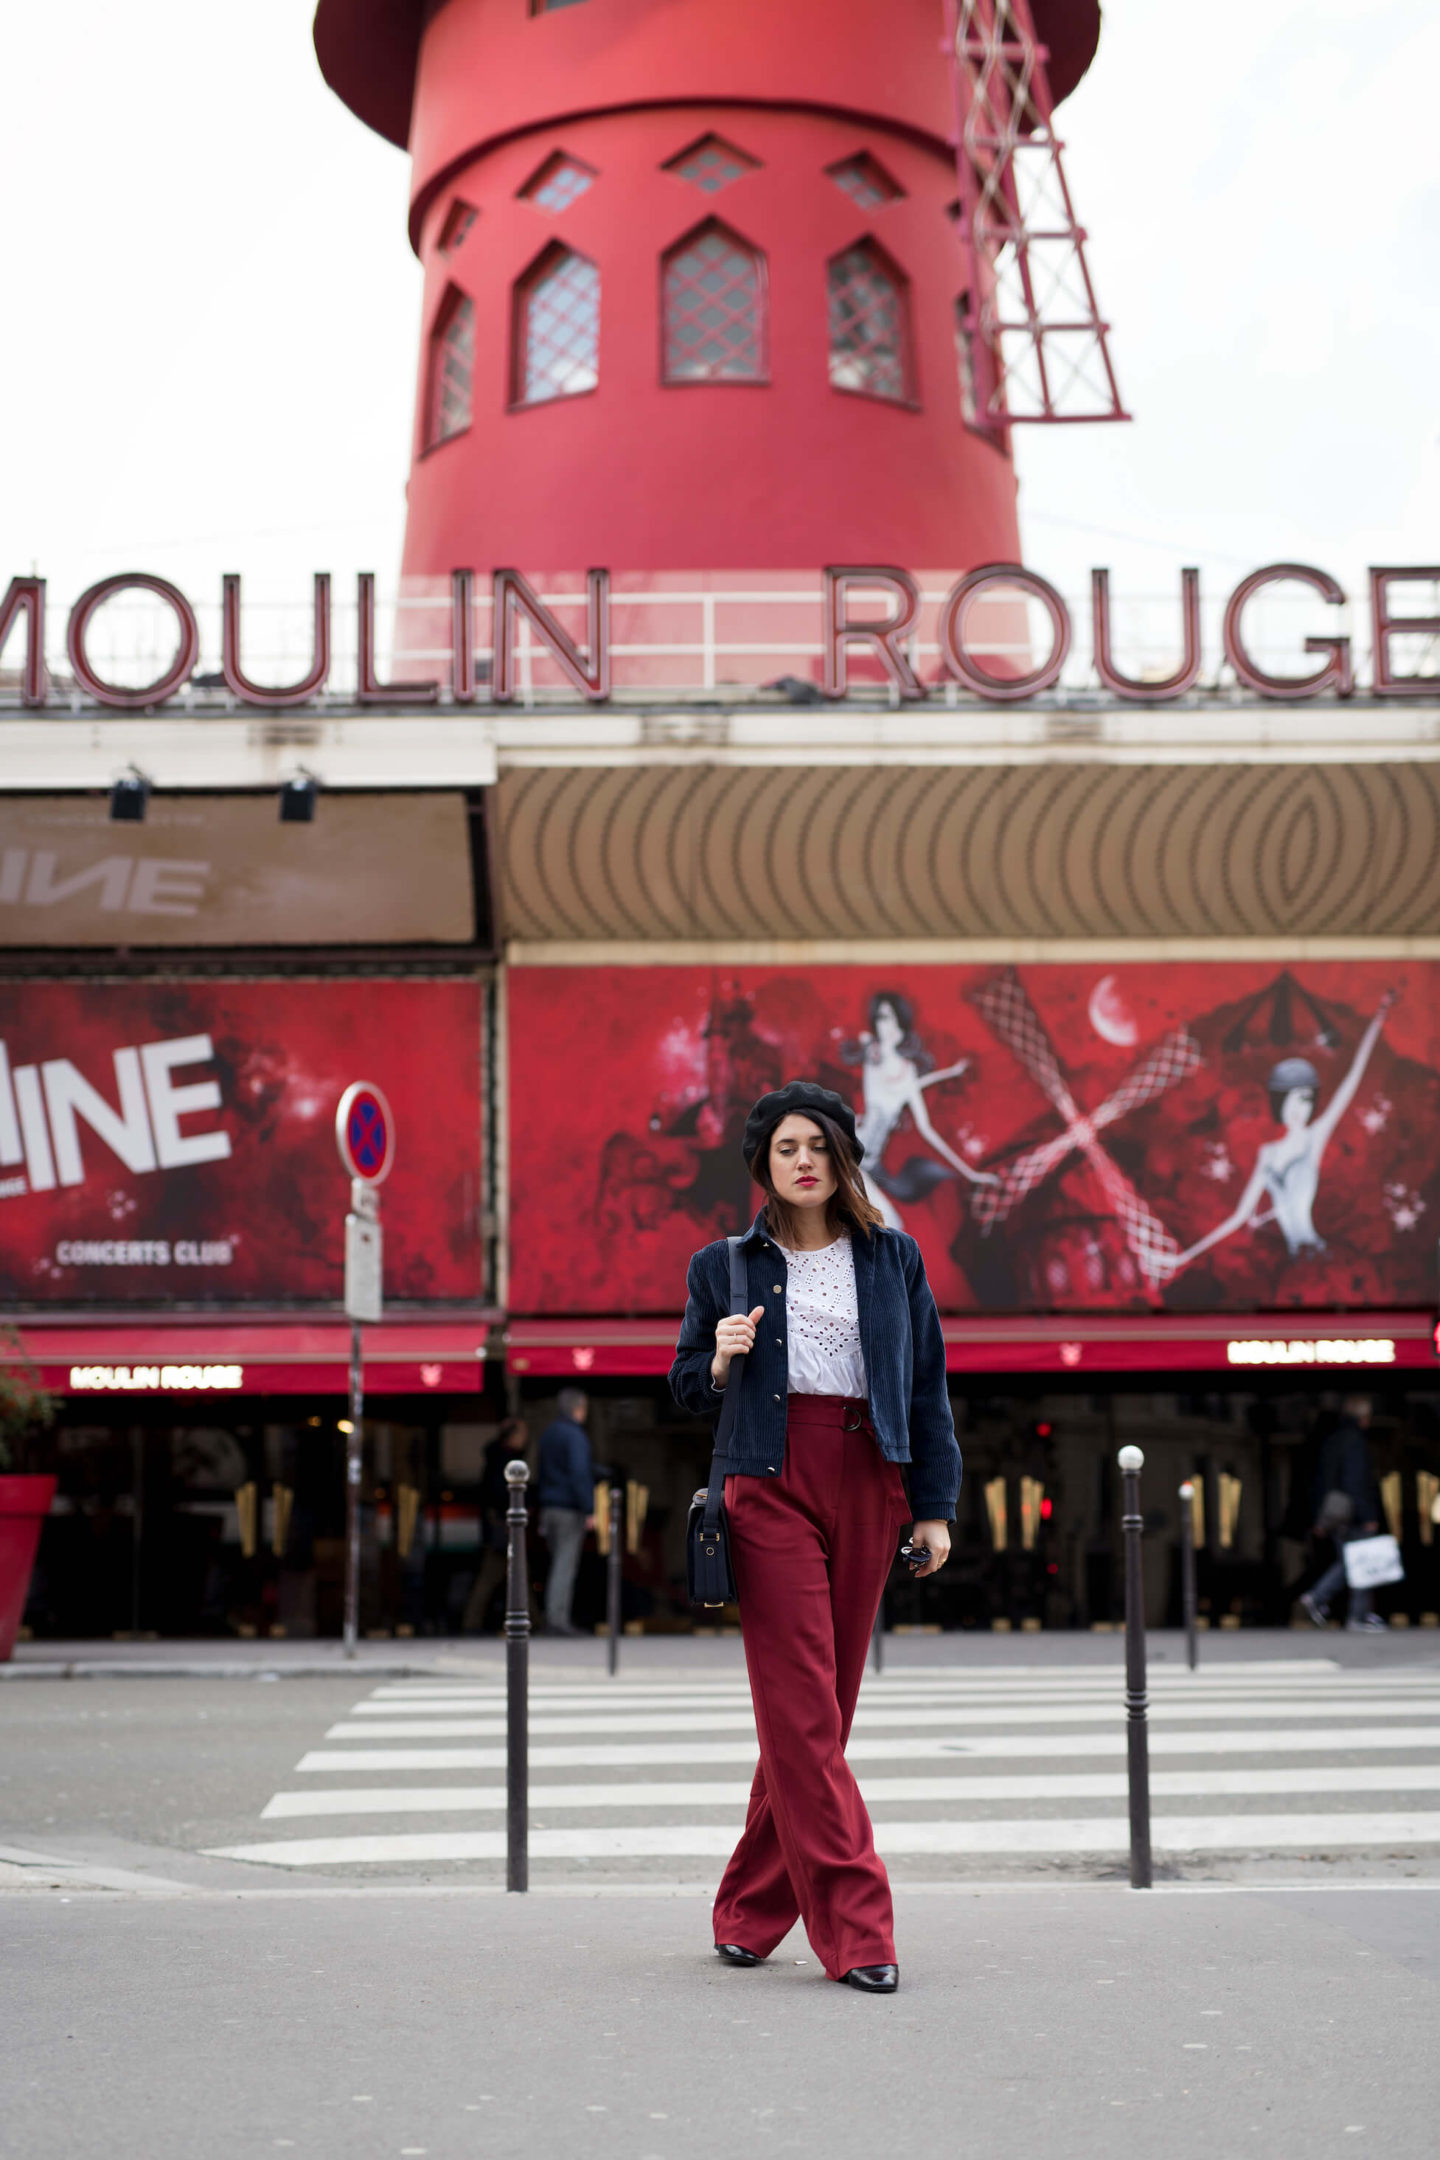 Blouse et pantalon rouge moulin rouge L'atelier d'al blog mode fashion lifestyle Paris streetstyle